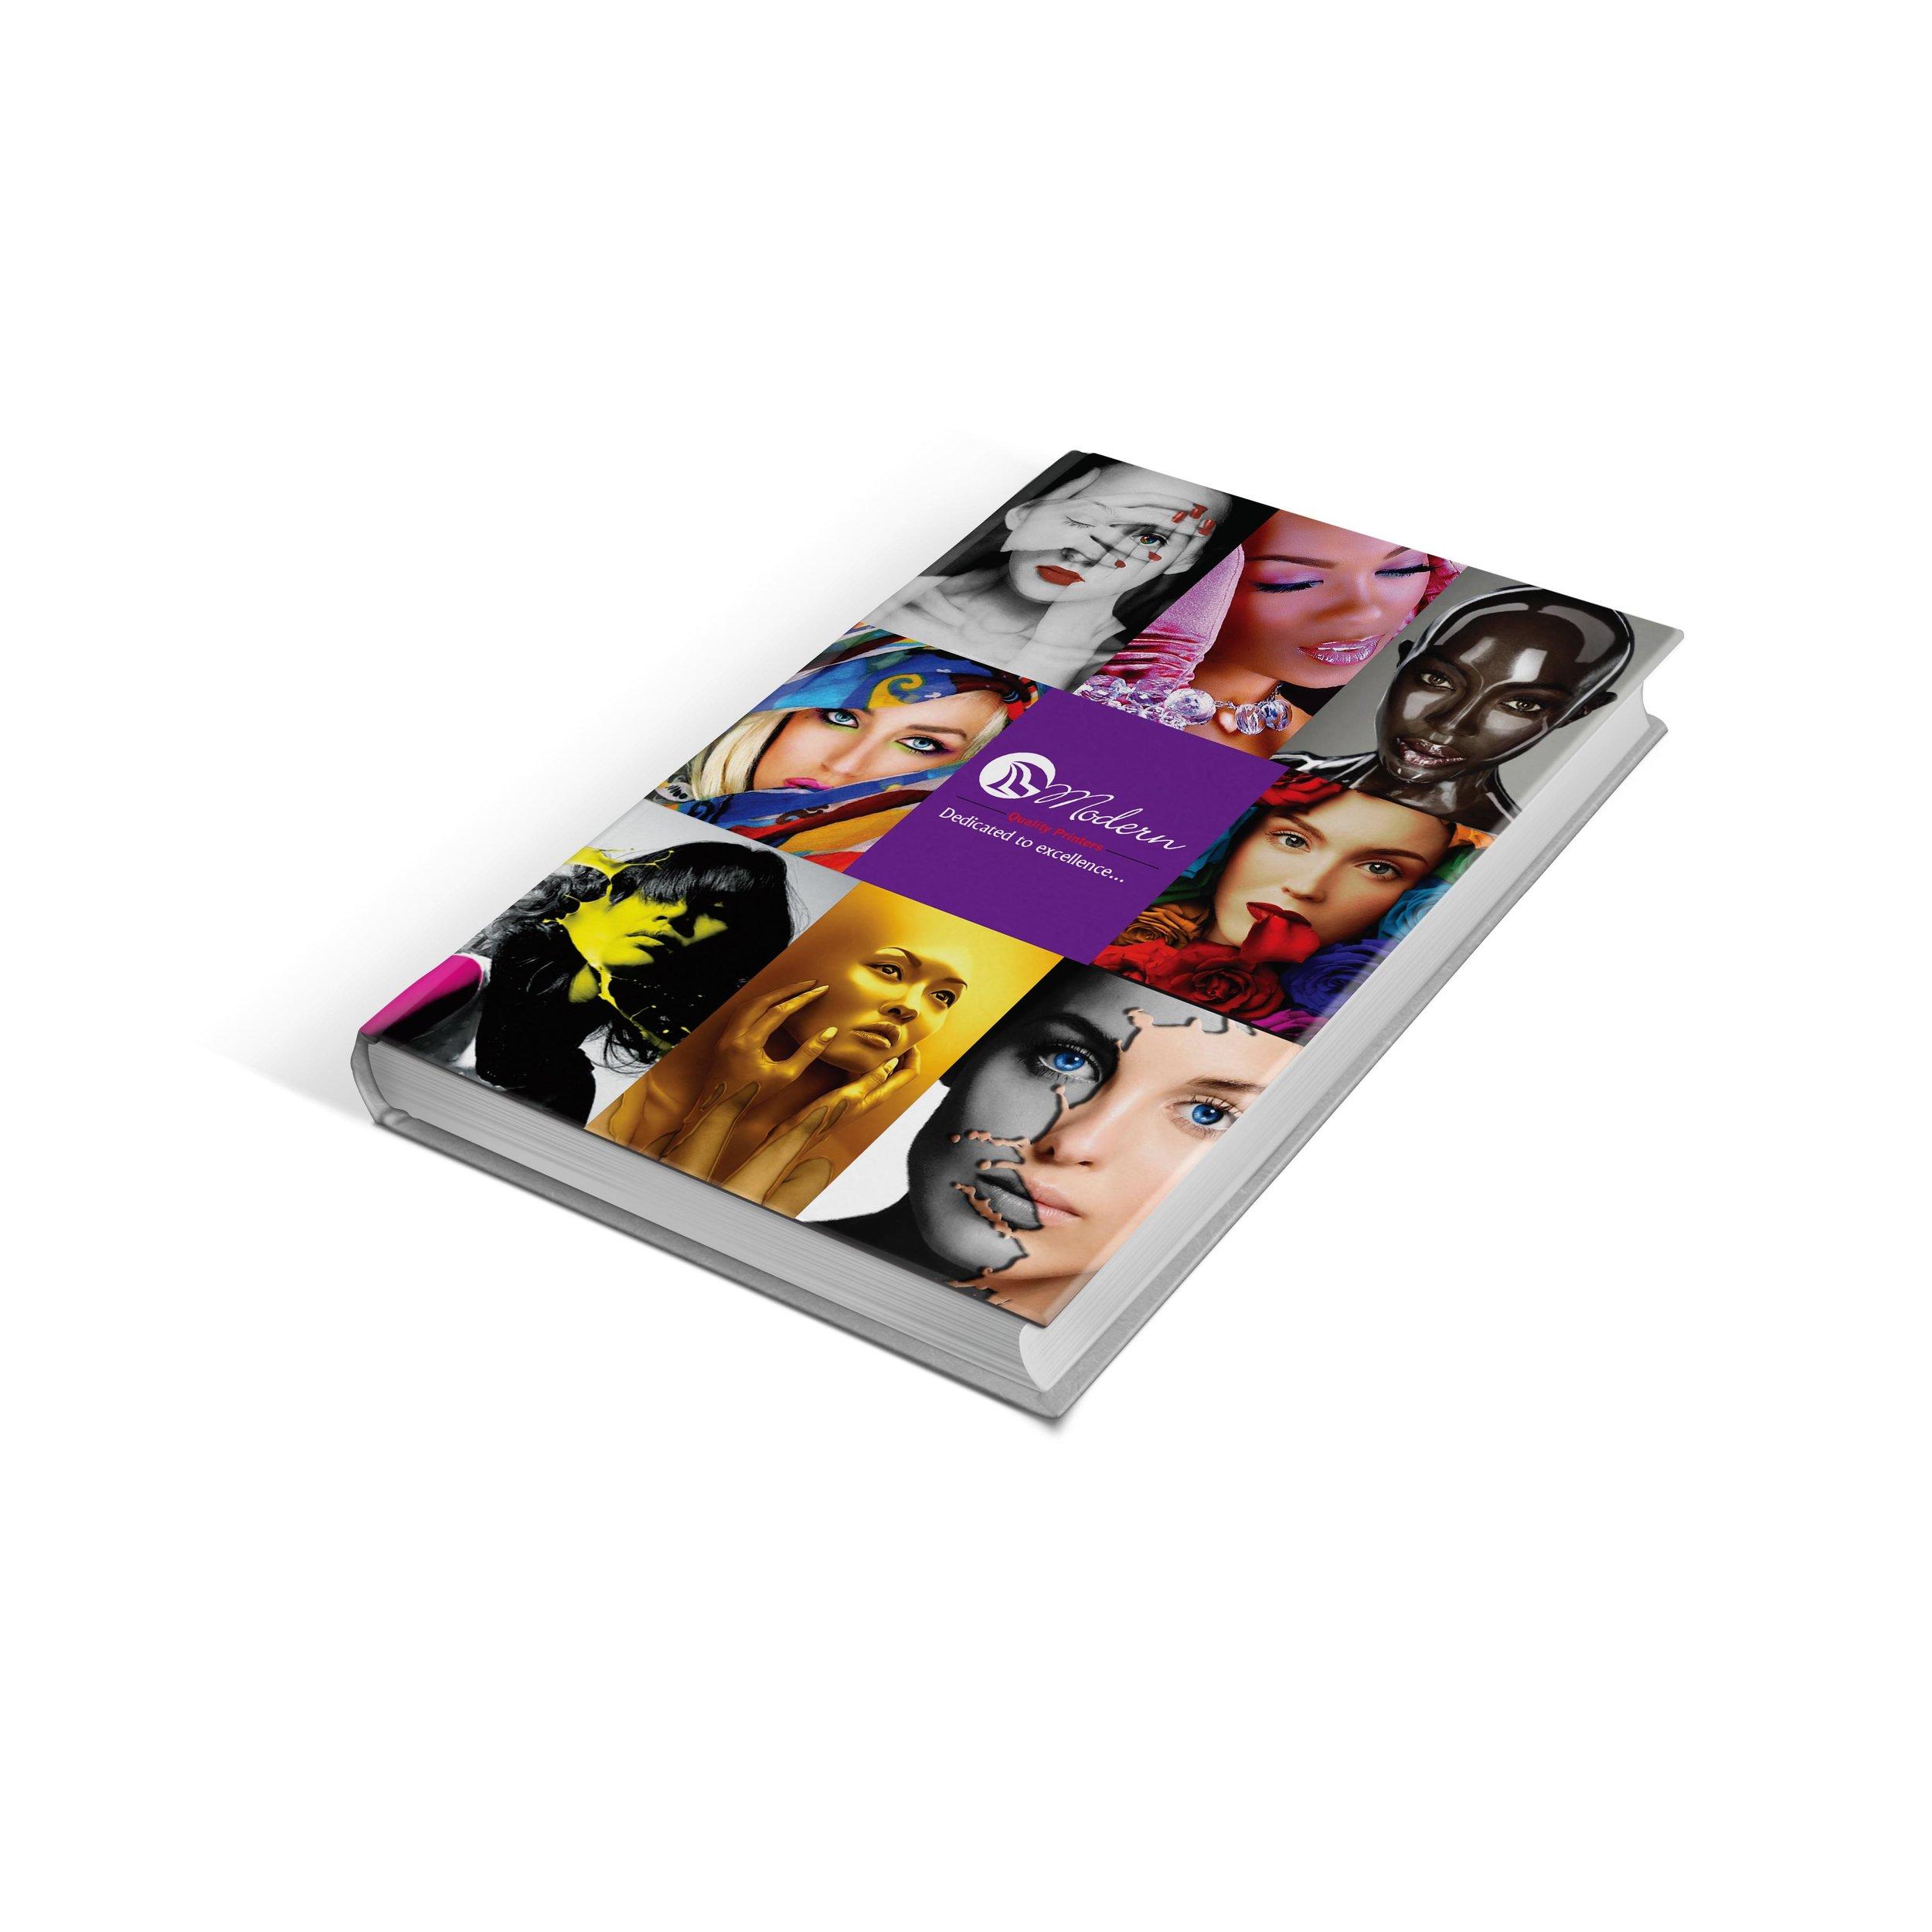 Book Cover Psd Mockup v1.jpg